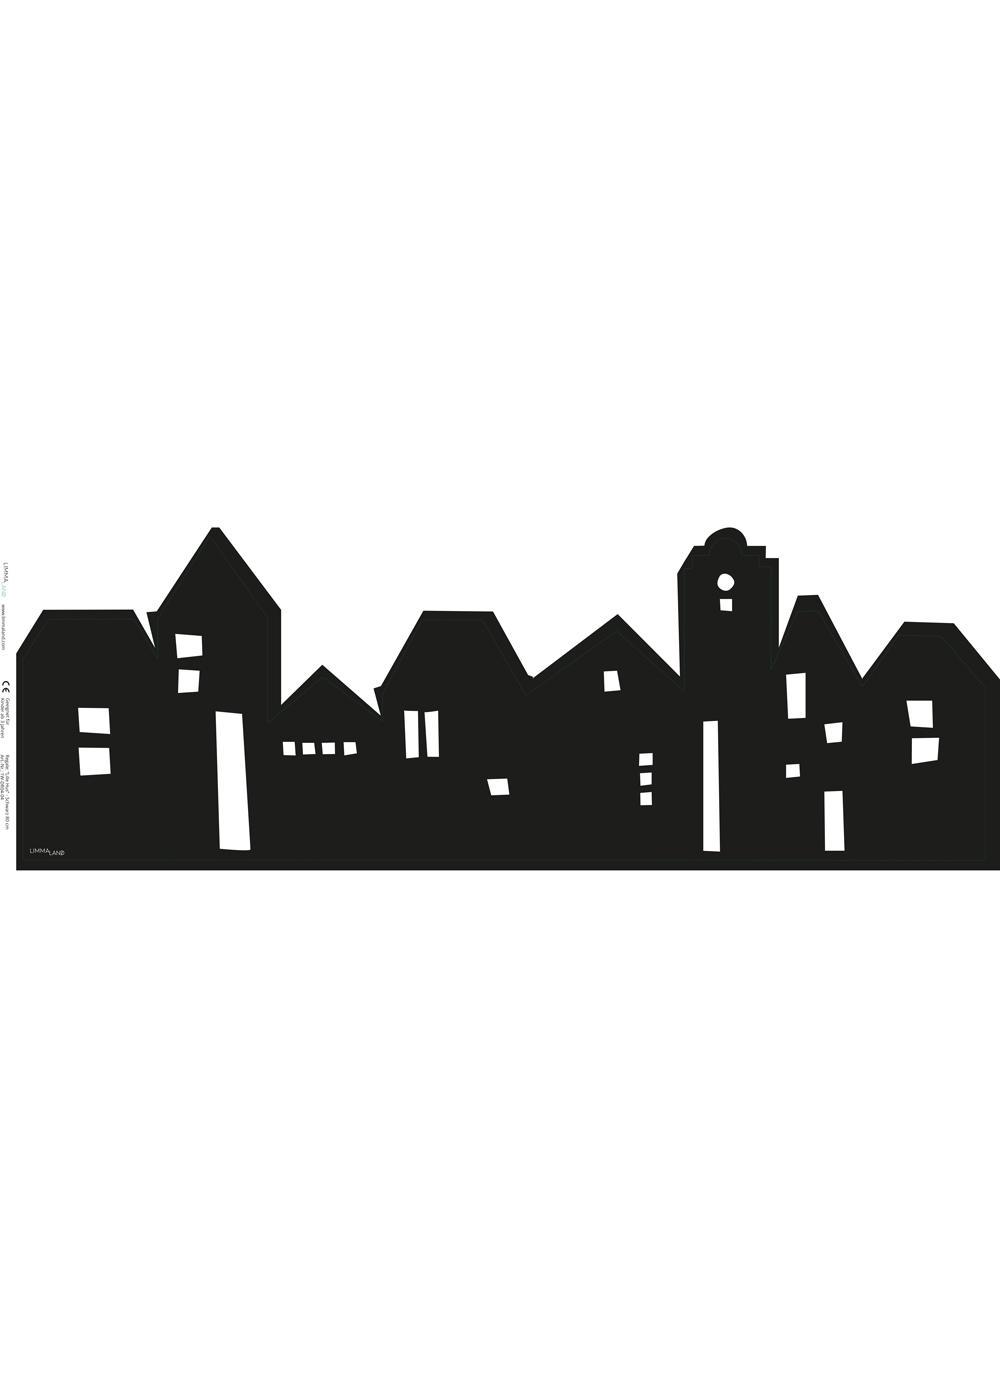 Ikea Mansarp Bilderleiste Lille Hus schwarz Druckvorlage